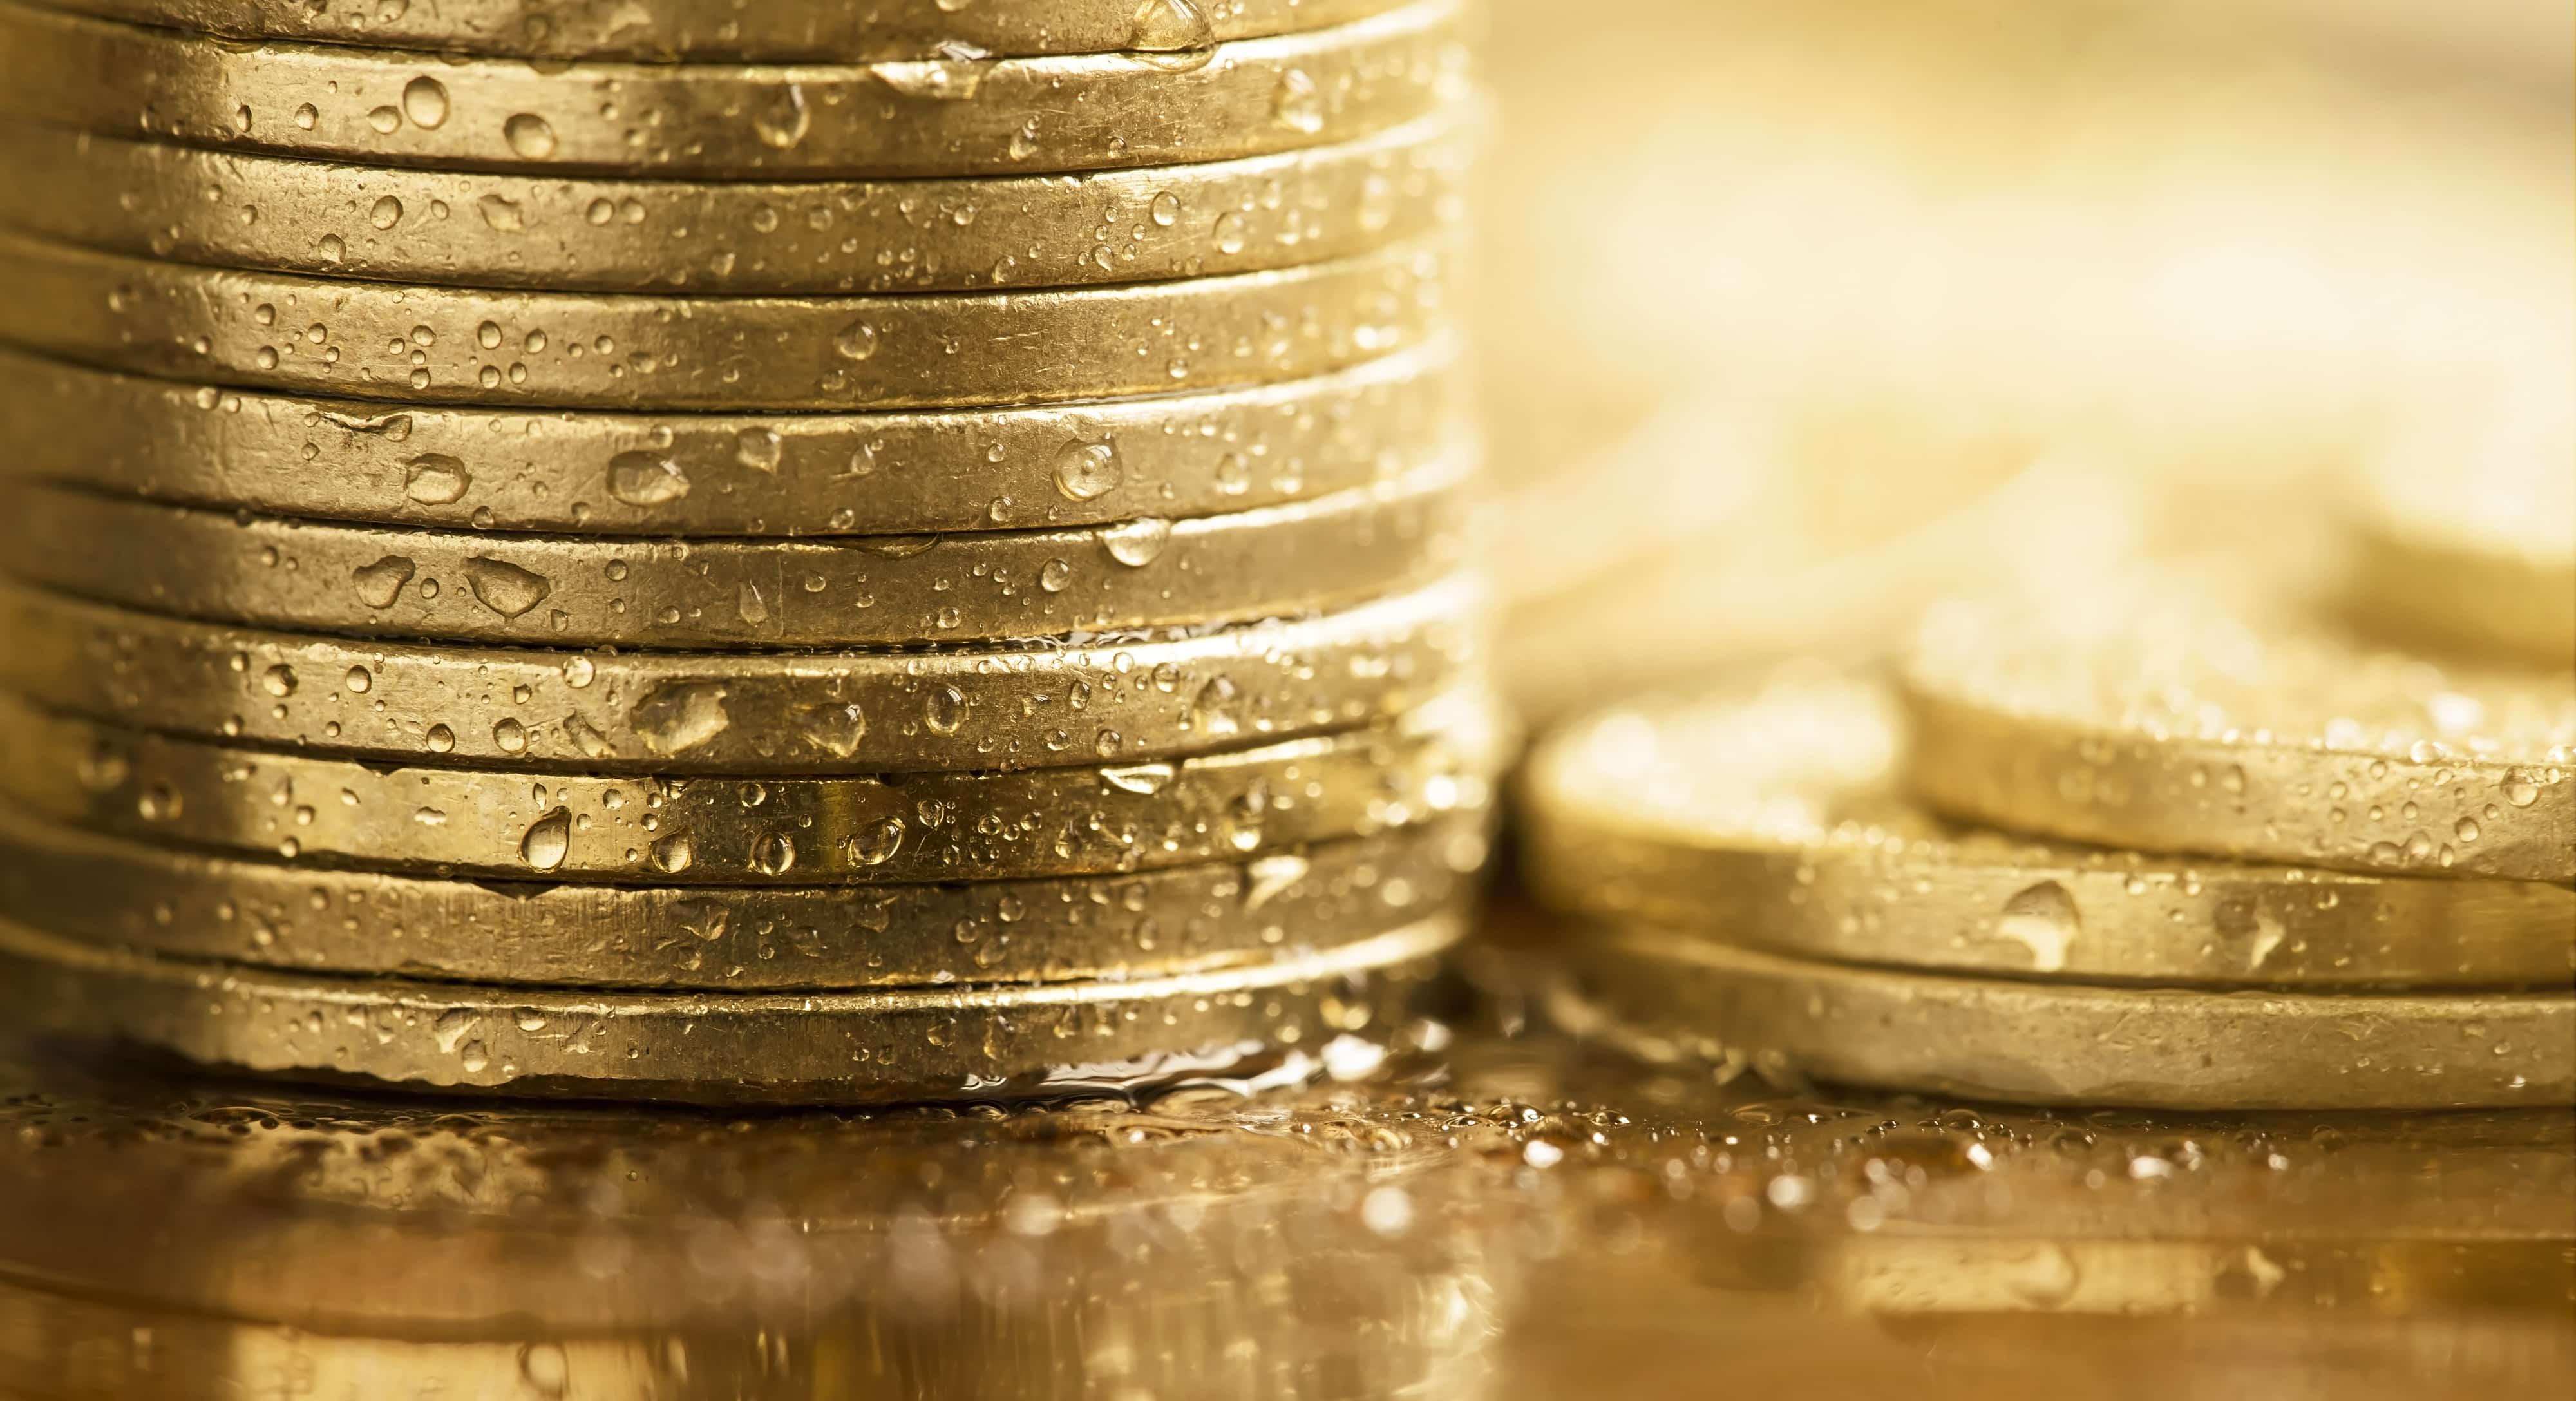 ¿Cuánto cuesta el DELF?